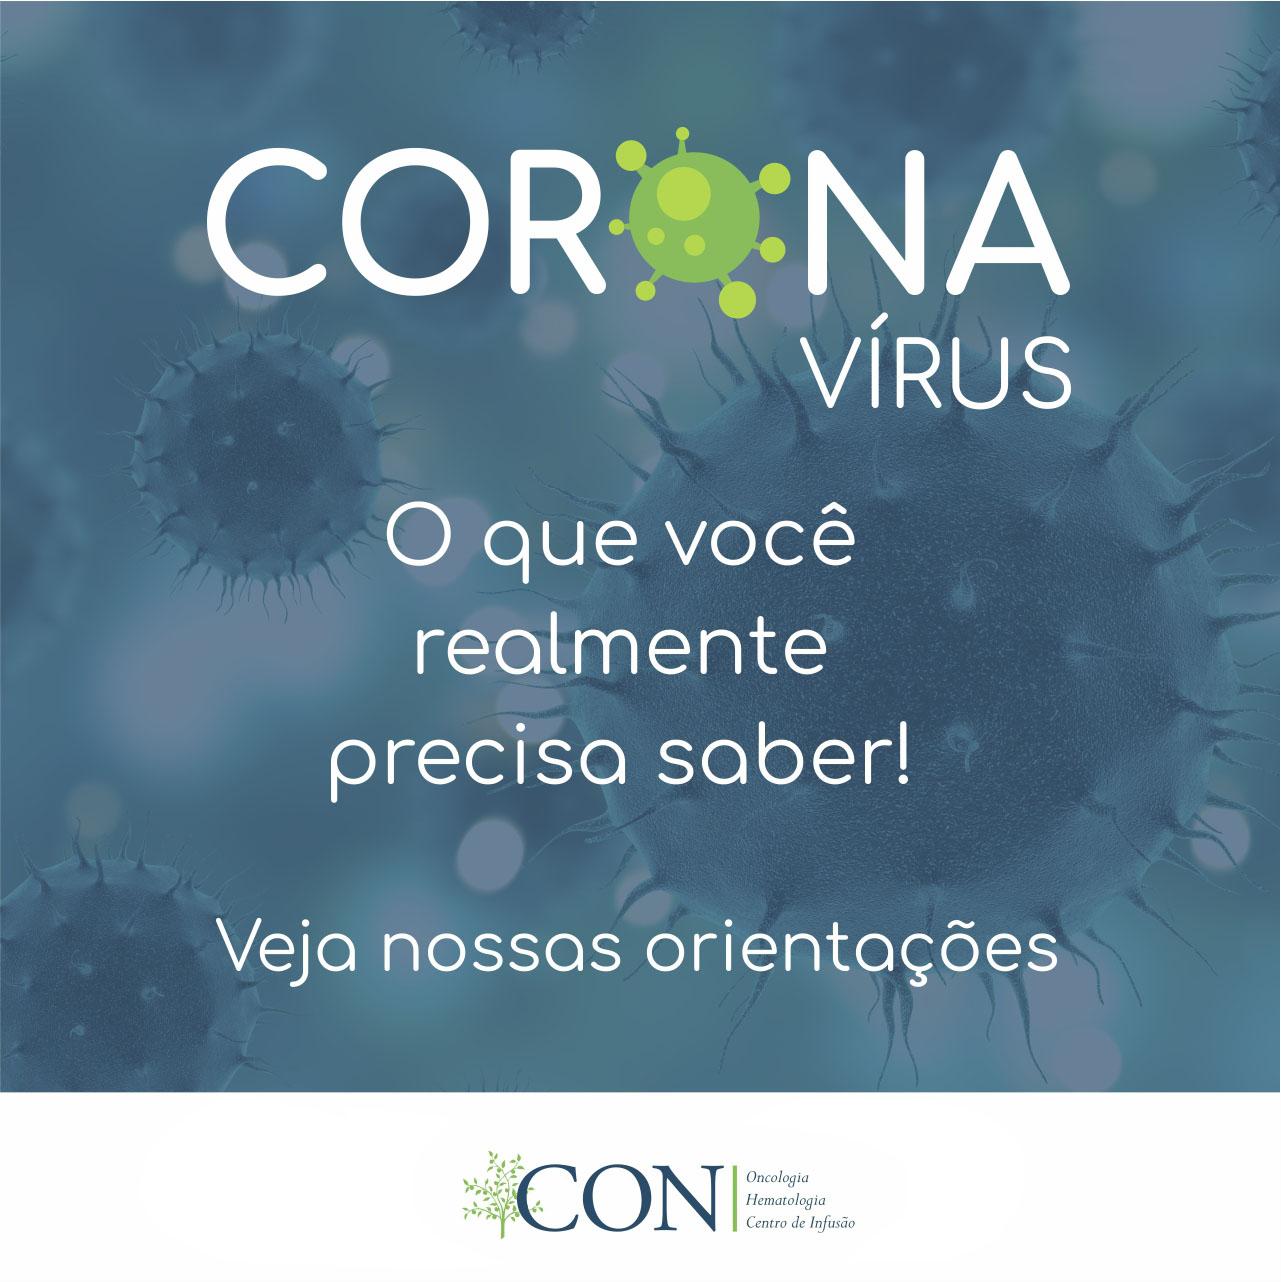 informe-do-con-em-relacao-a-pandemia-pelo-novo-coronavirus-covid-19-14-03-2020.jpeg